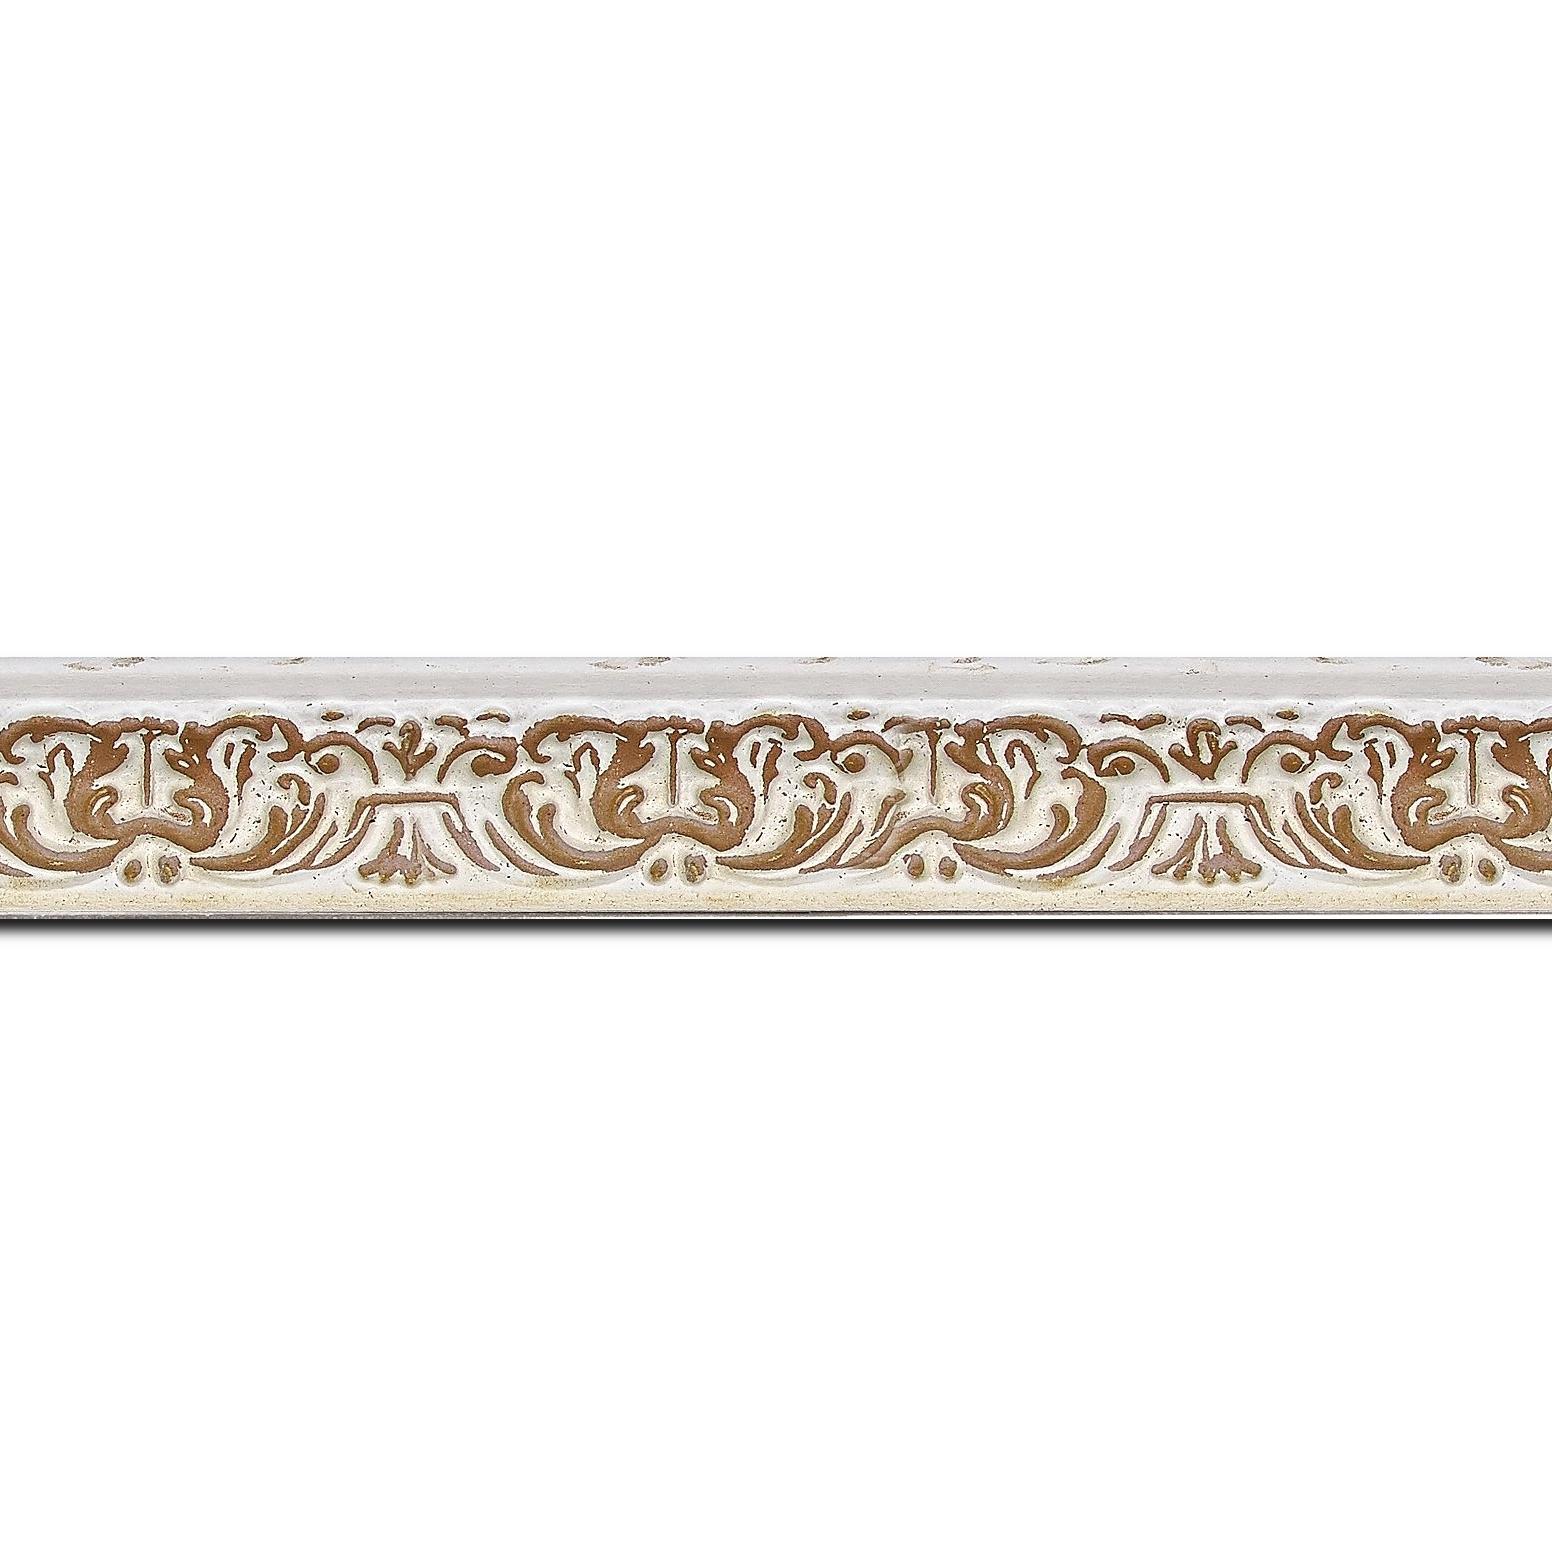 Baguette longueur 1.40m bois profil incurvé largeur 2.6cm couleur naturel en relief sur fond blanchie